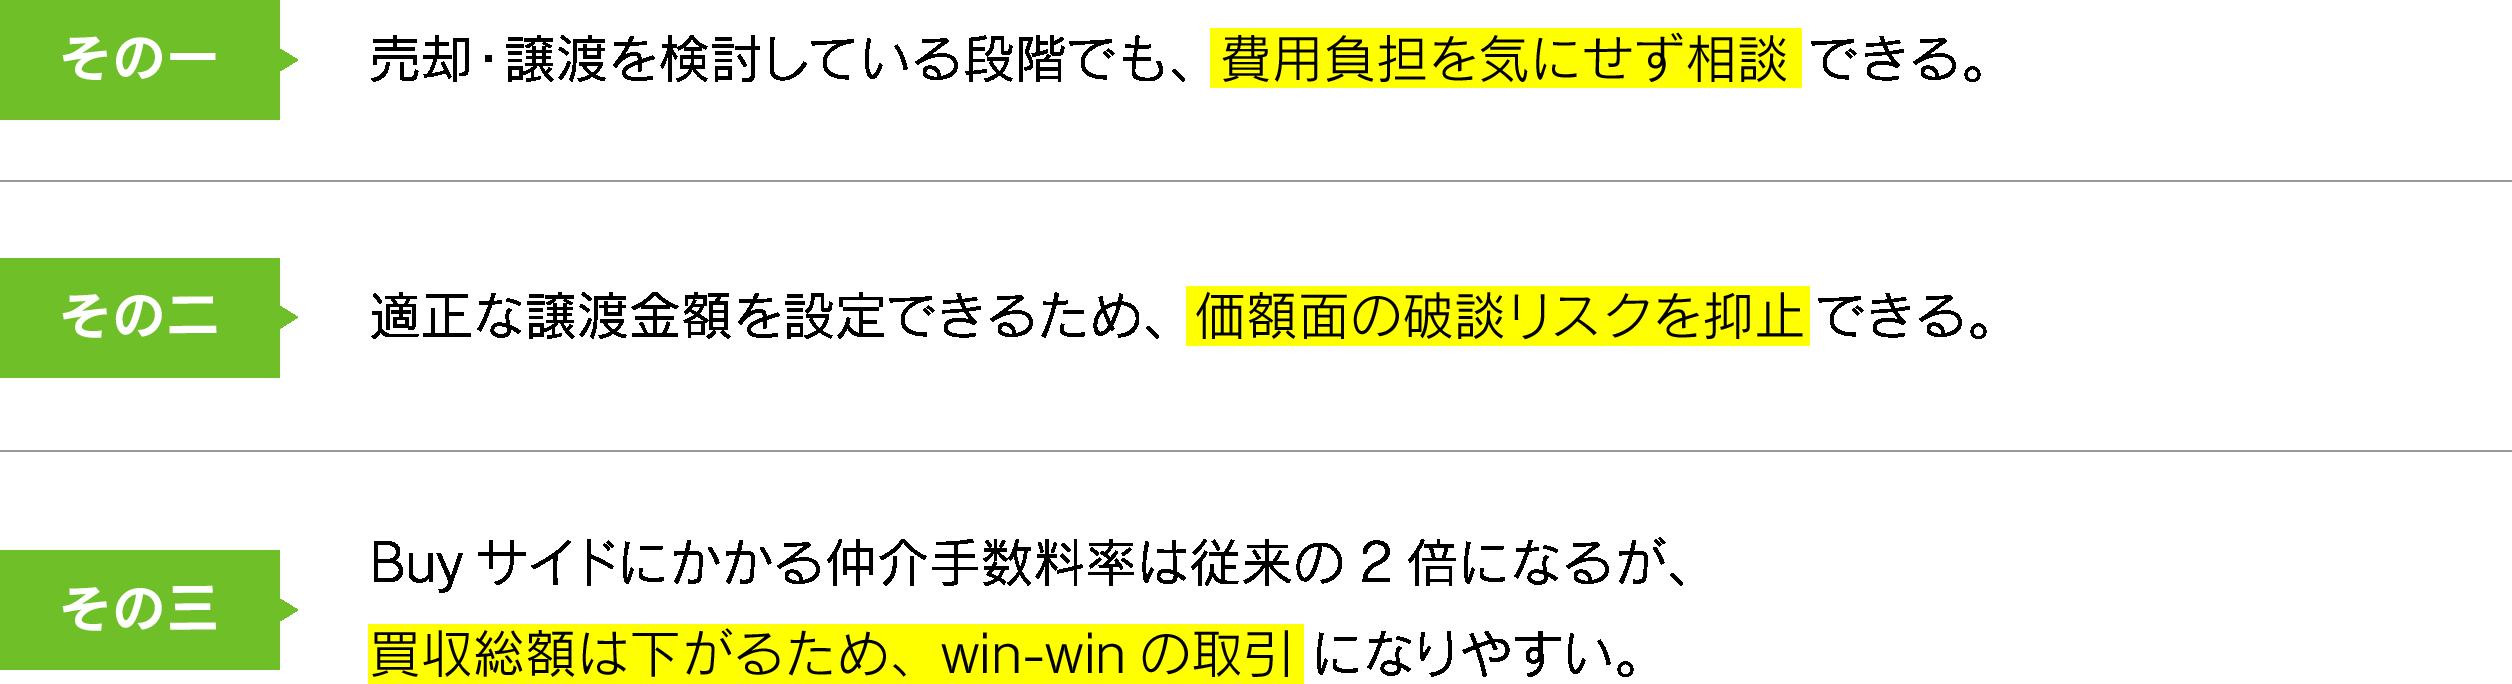 3つのメリット